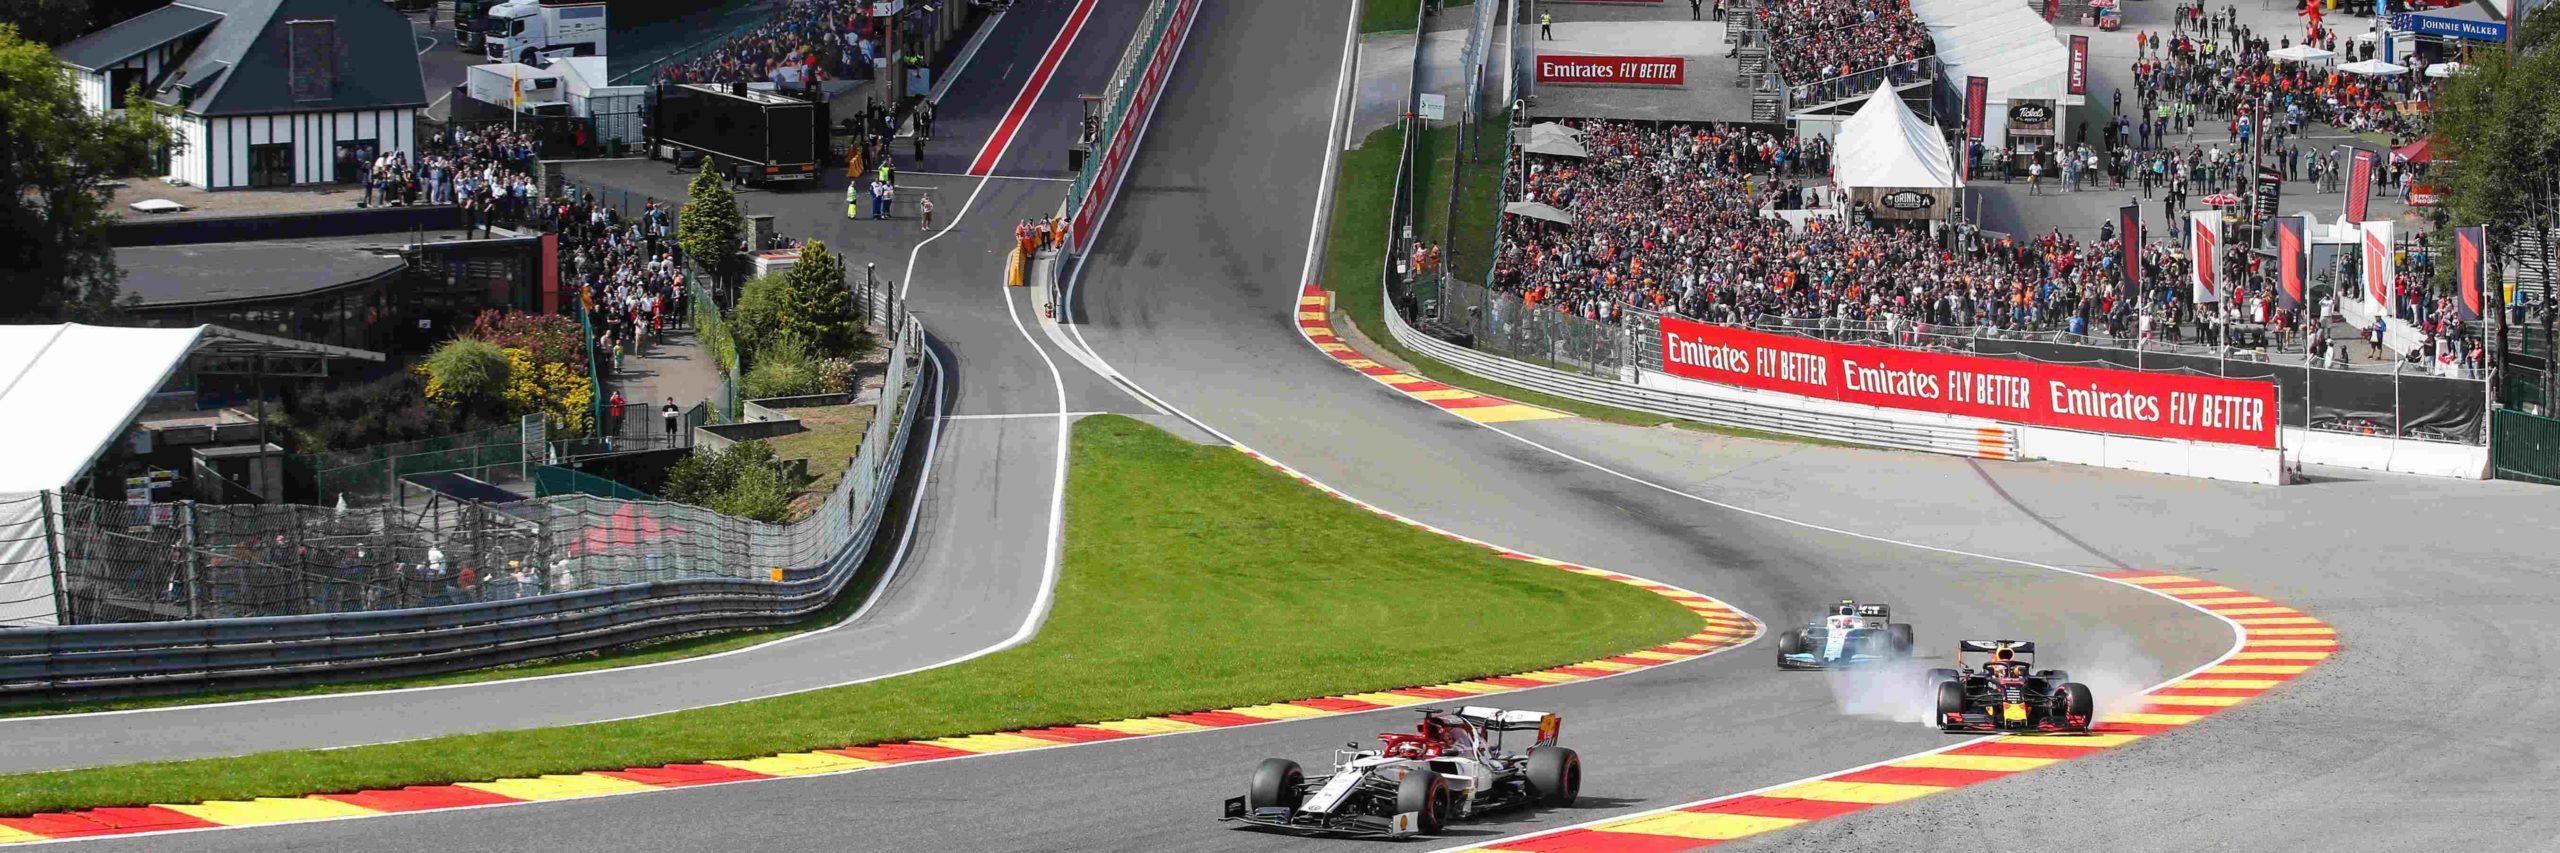 Formula 1 slide 1